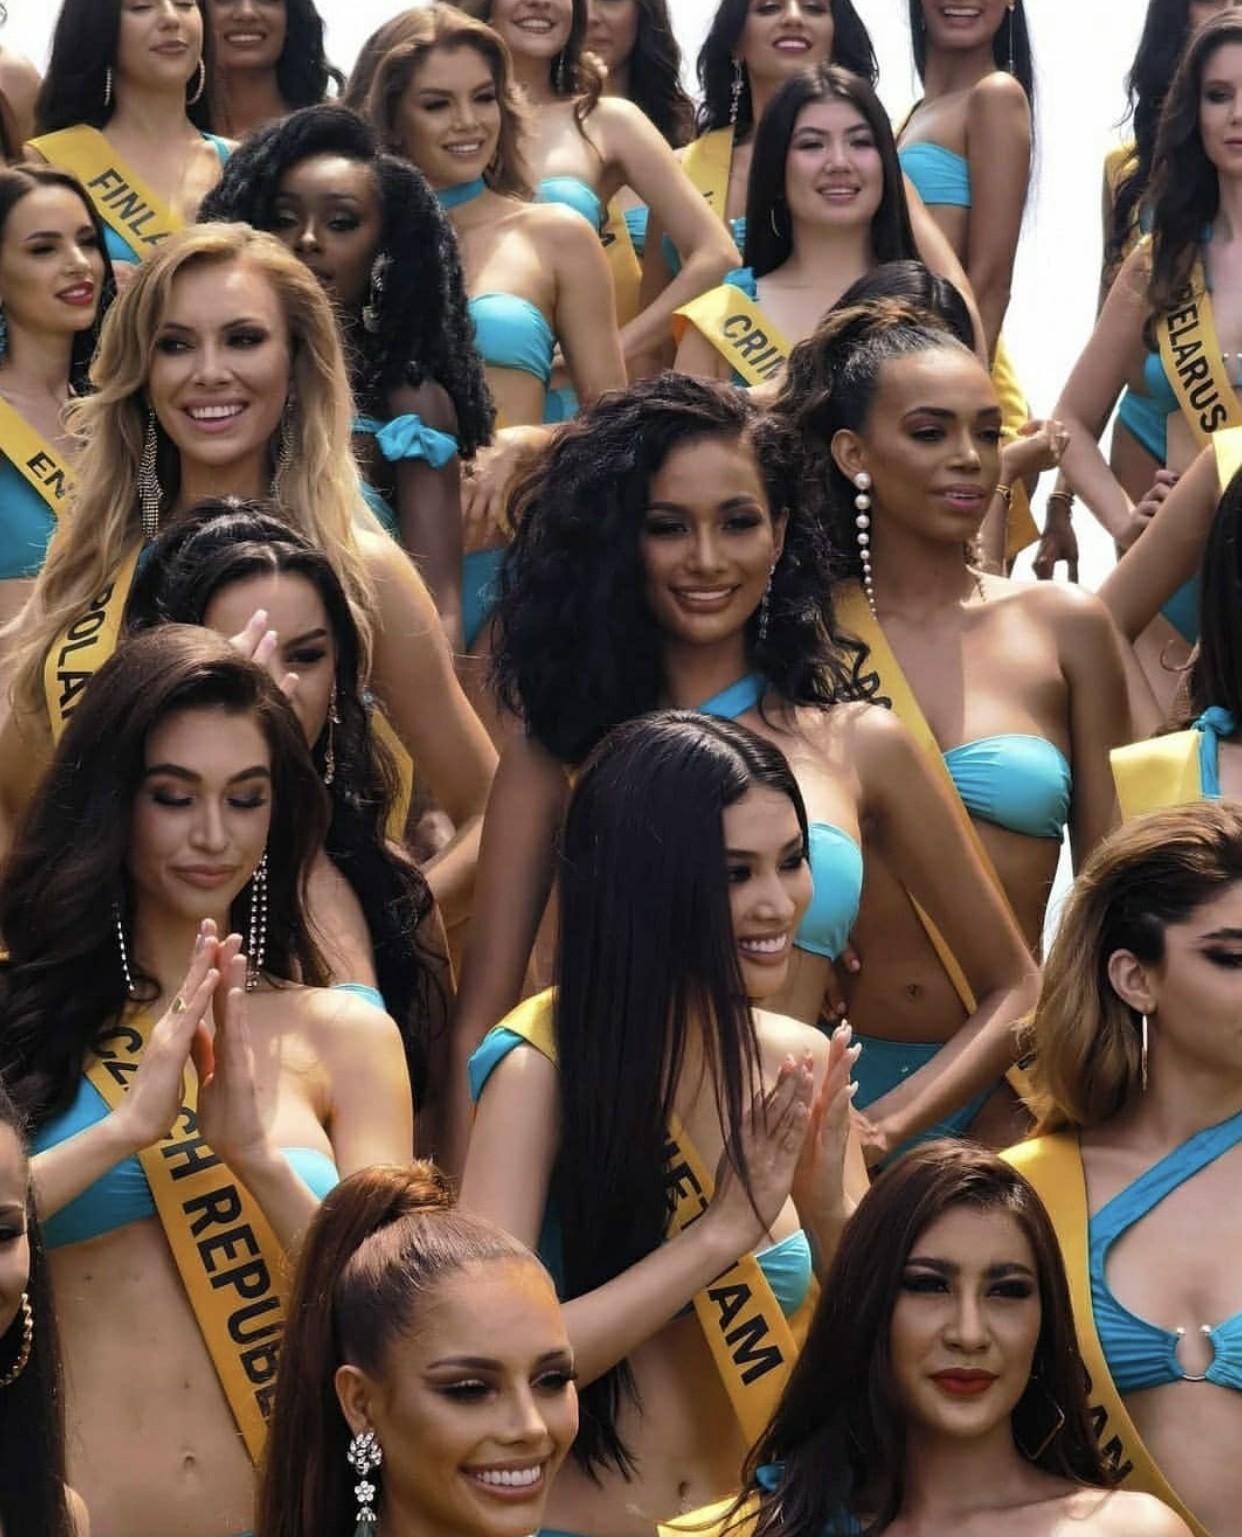 Ngắm body của á hậu Ngọc Thảo trong màn trình diễn áo tắm 'gây bão' ở Miss Grand ảnh 11